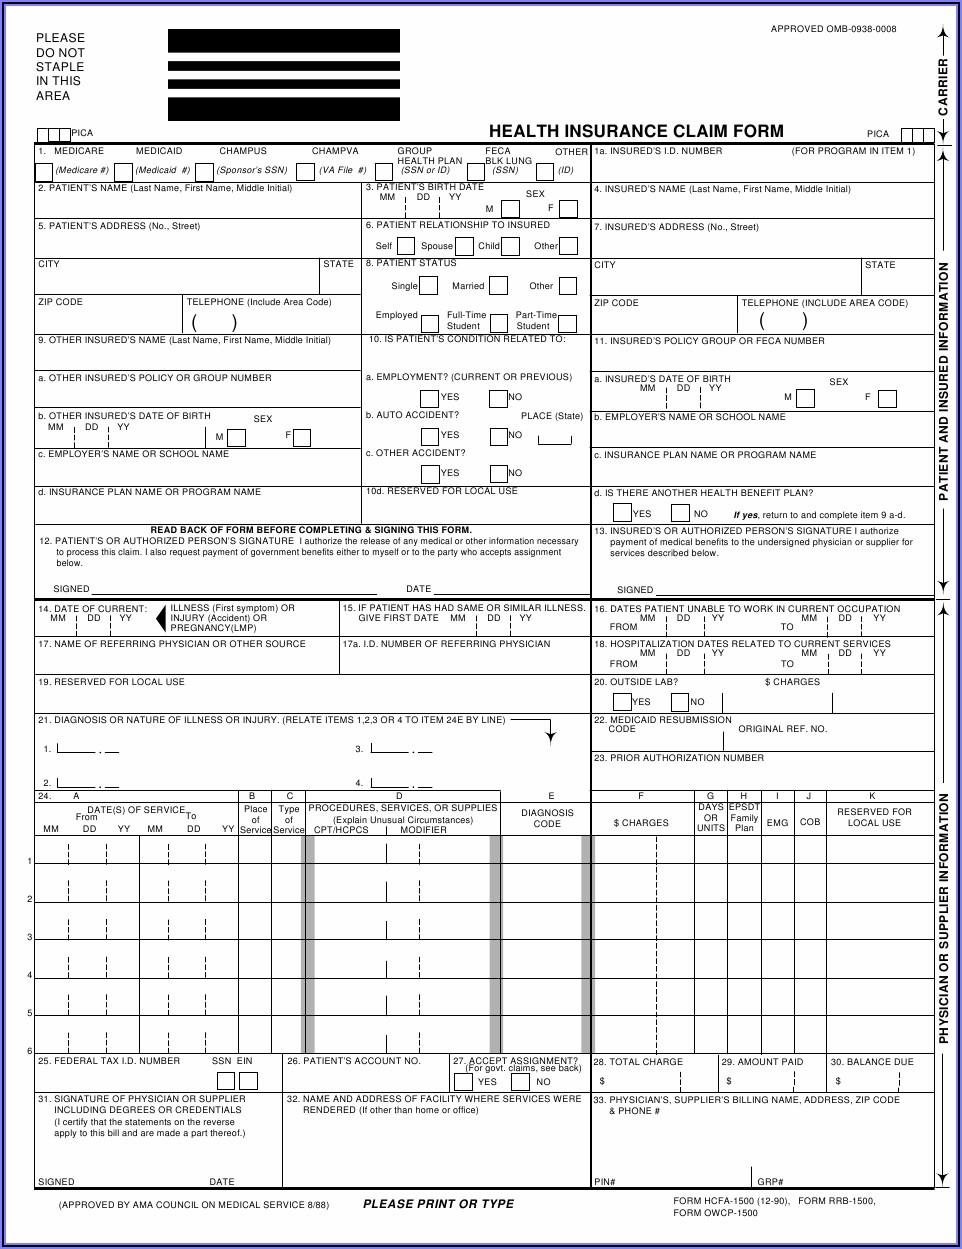 Printable Hcfa 1500 Form